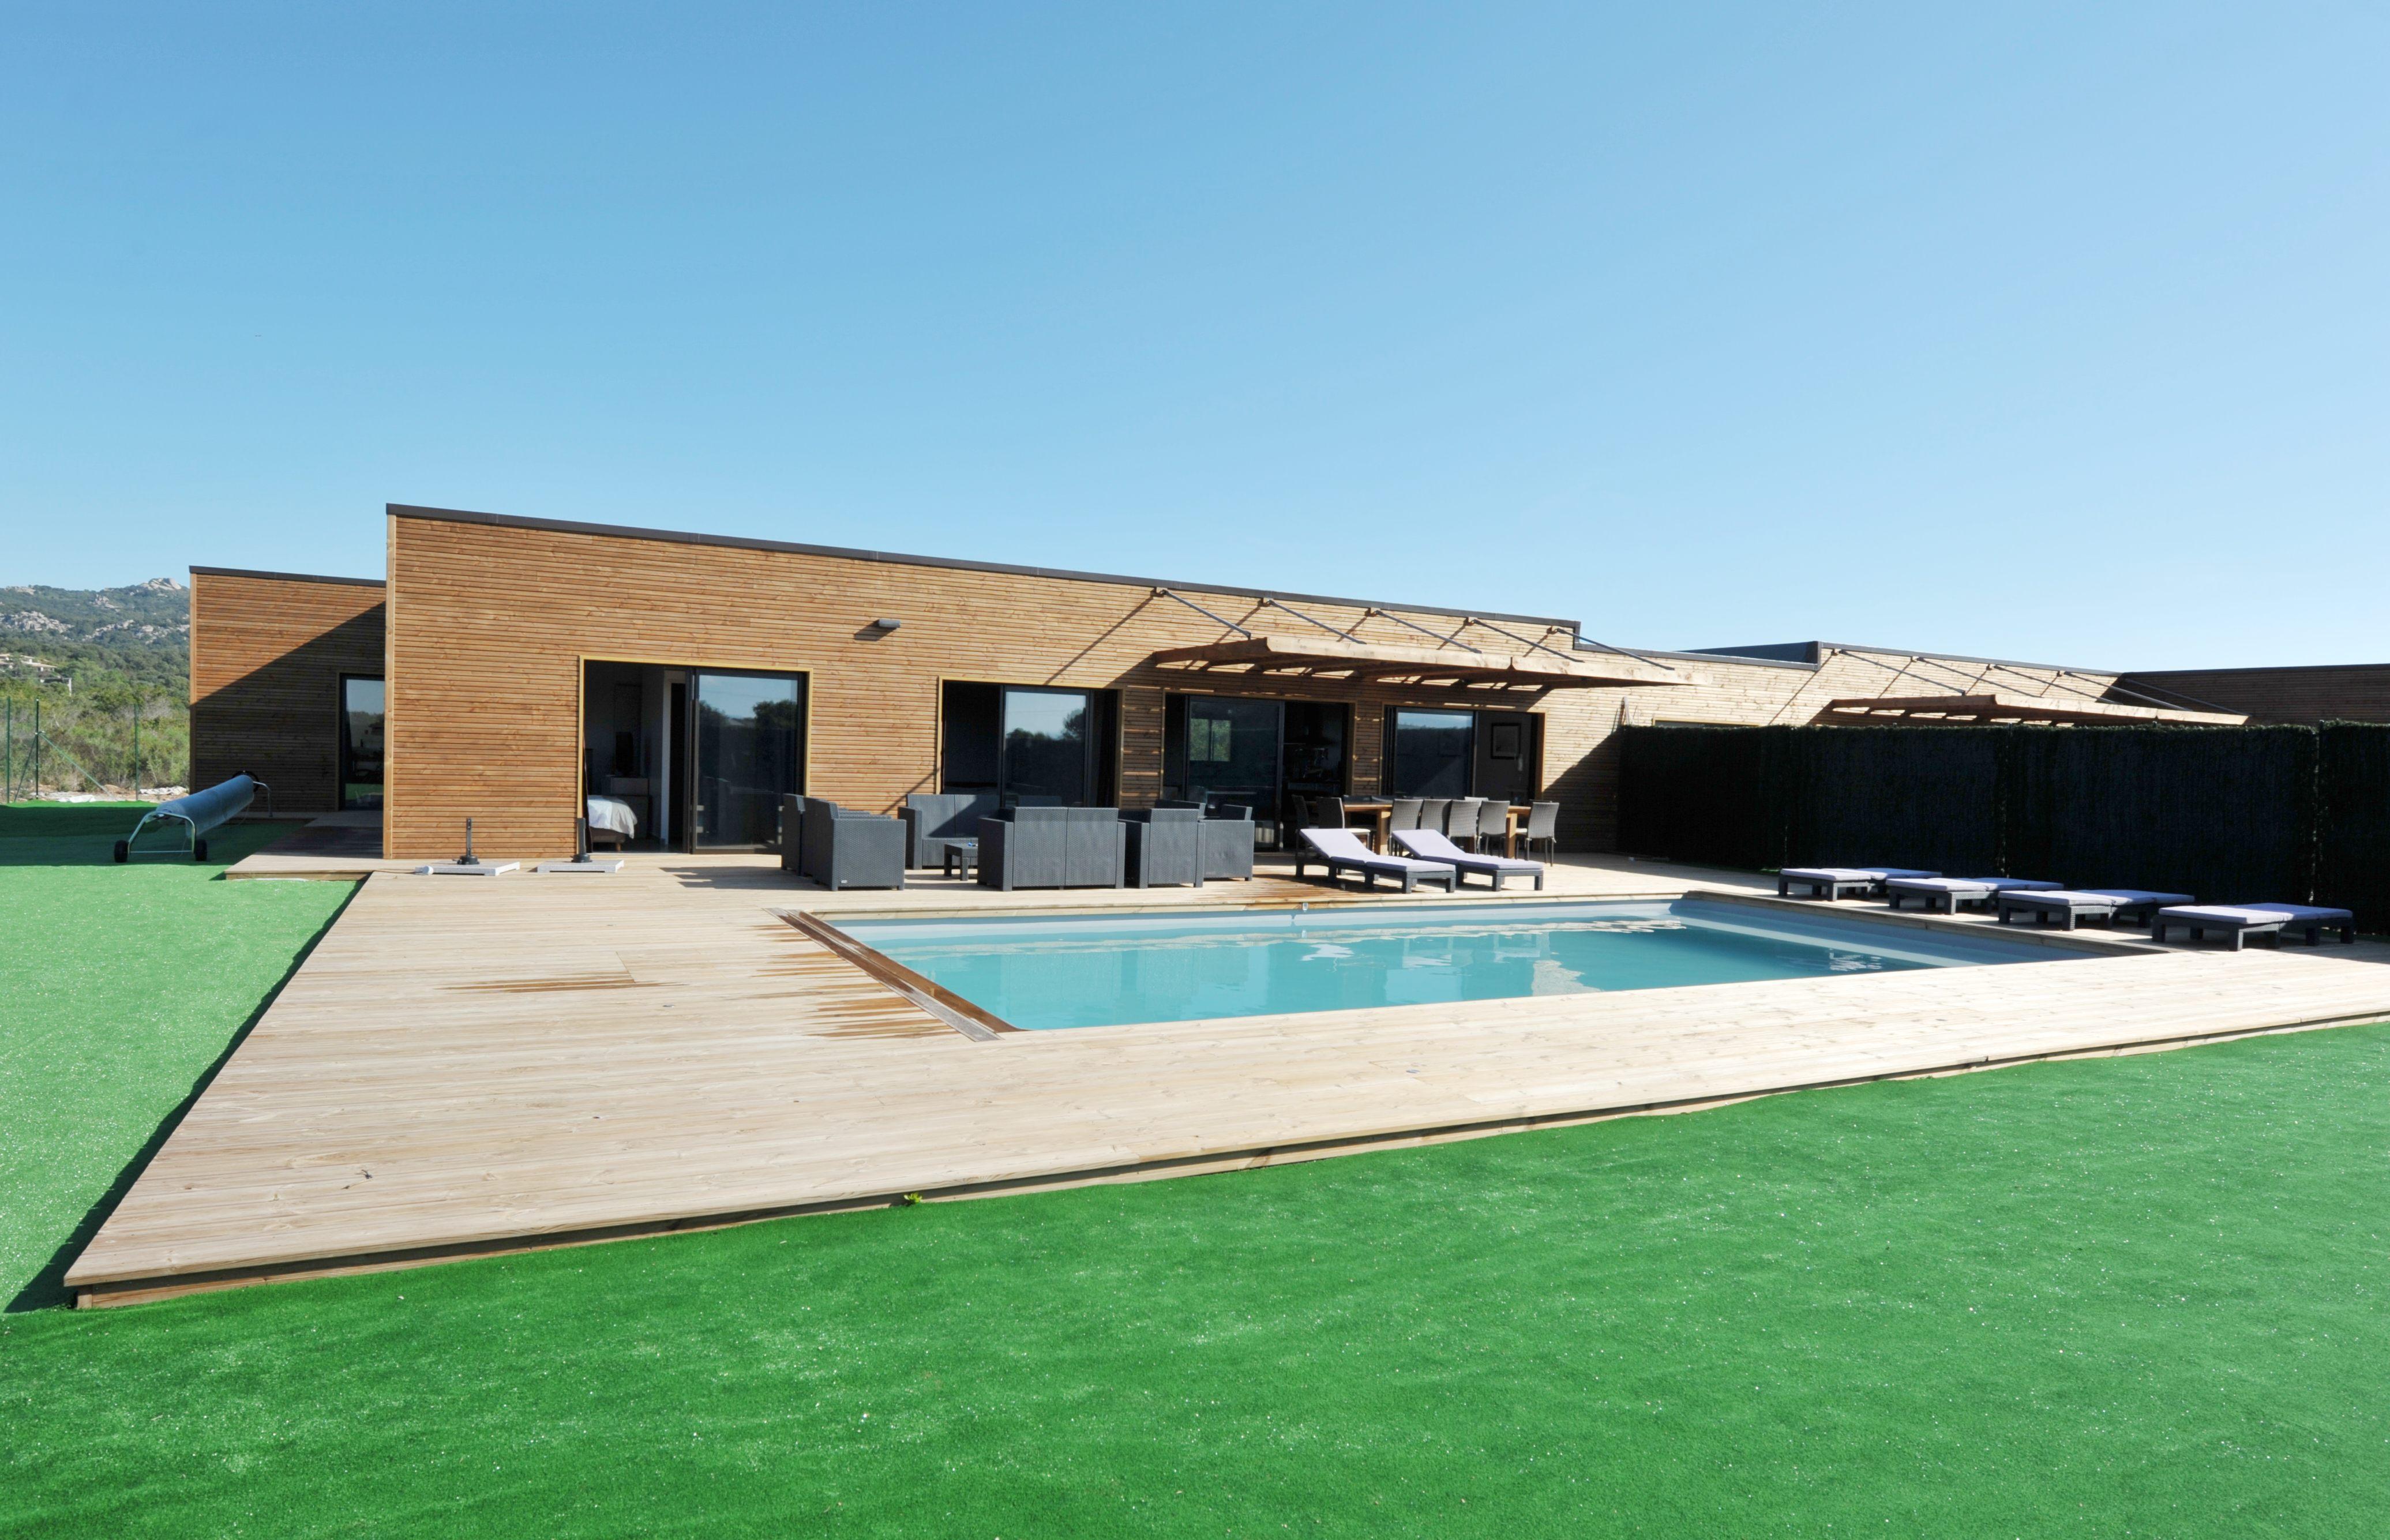 villa contemporaine neuve type 5 avec garage et piscine st cyprien. Black Bedroom Furniture Sets. Home Design Ideas